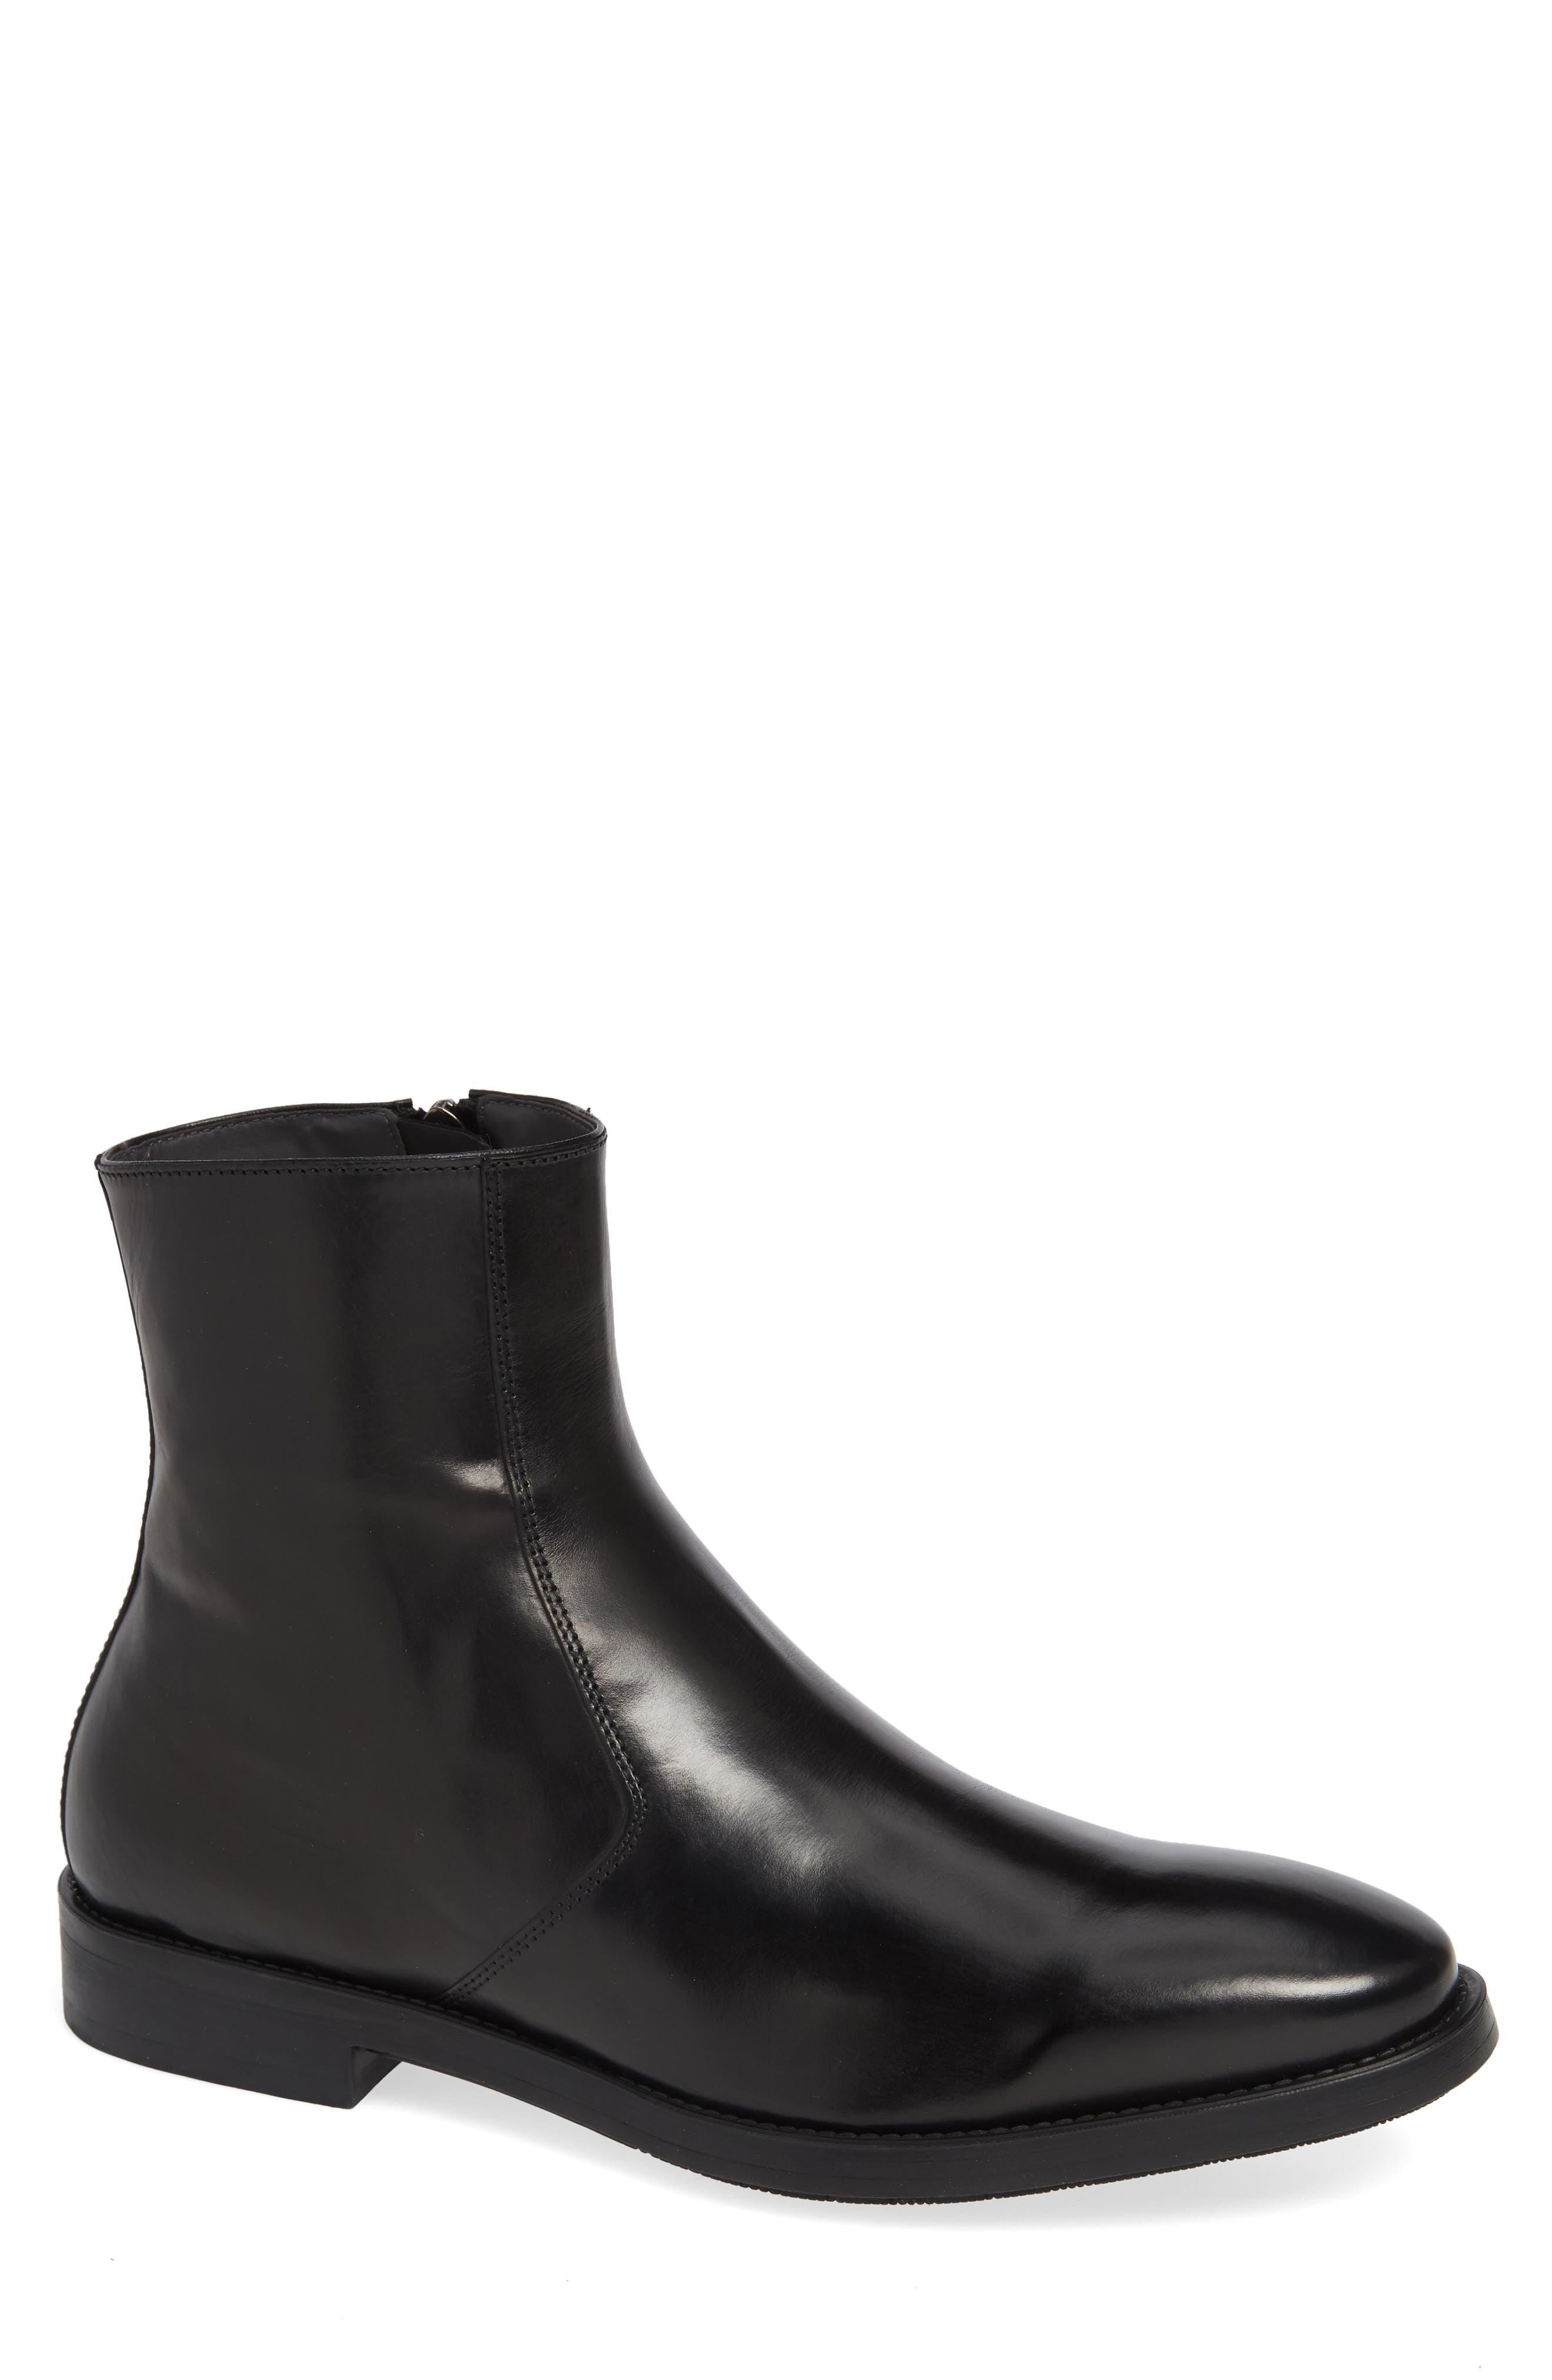 To Boot New York Rosemont Zip Boot, Black